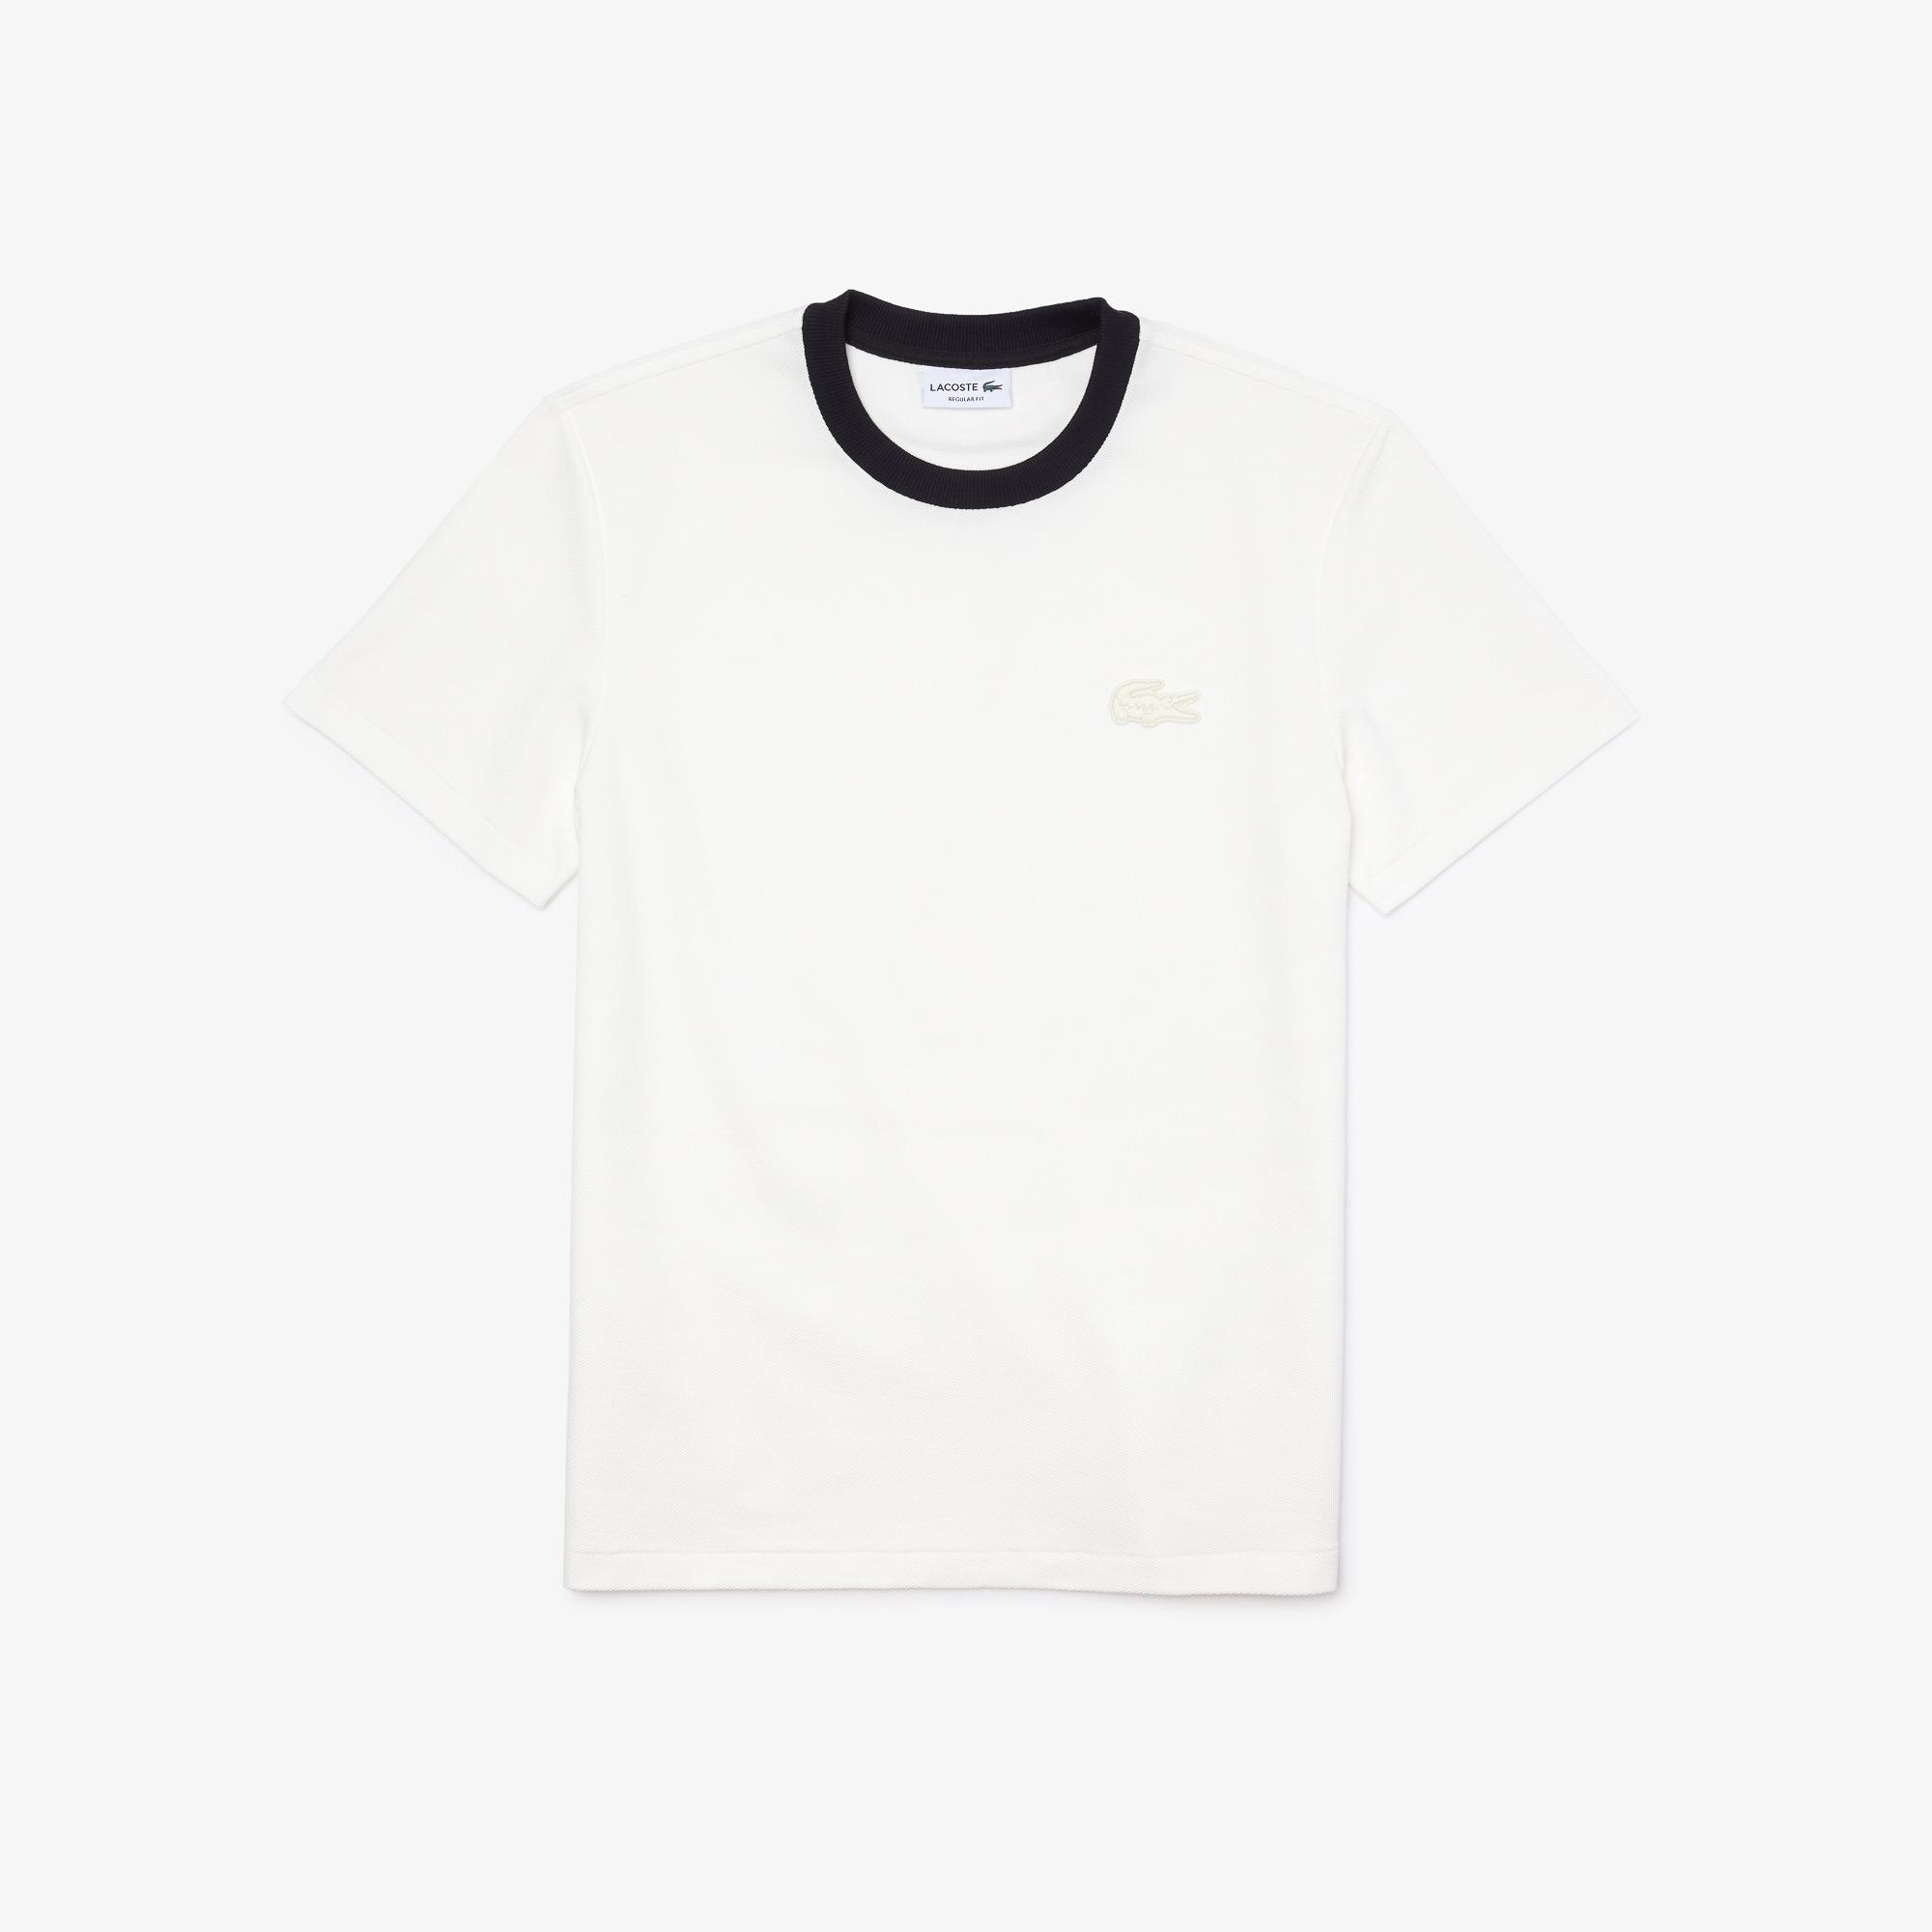 Lacoste Męski T-shirt Loose Fit w kontrastowych kolorach z okrągłym dekoltem z bawełny teksturowanej